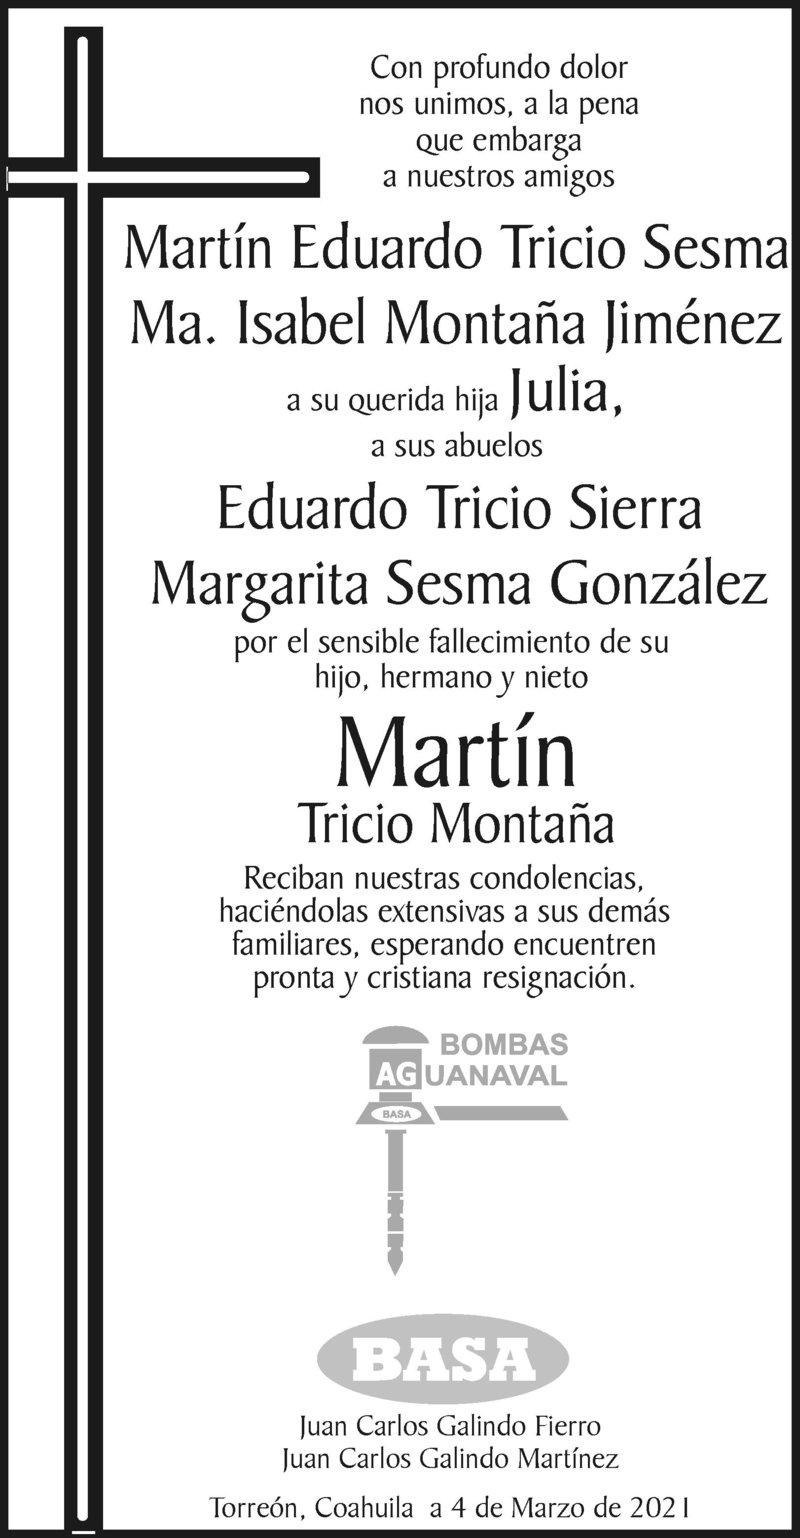 CONDOLENCIA: MARTÍN TRICIO MONTAÑA. Bombas Aguanaval expresa su más sentido pésame a la Familia Tricio Montaña y Tricio Sesma por el sensible fallecimiento de su hijo y nieto Martín Tricio Montaña. Descanse en paz.